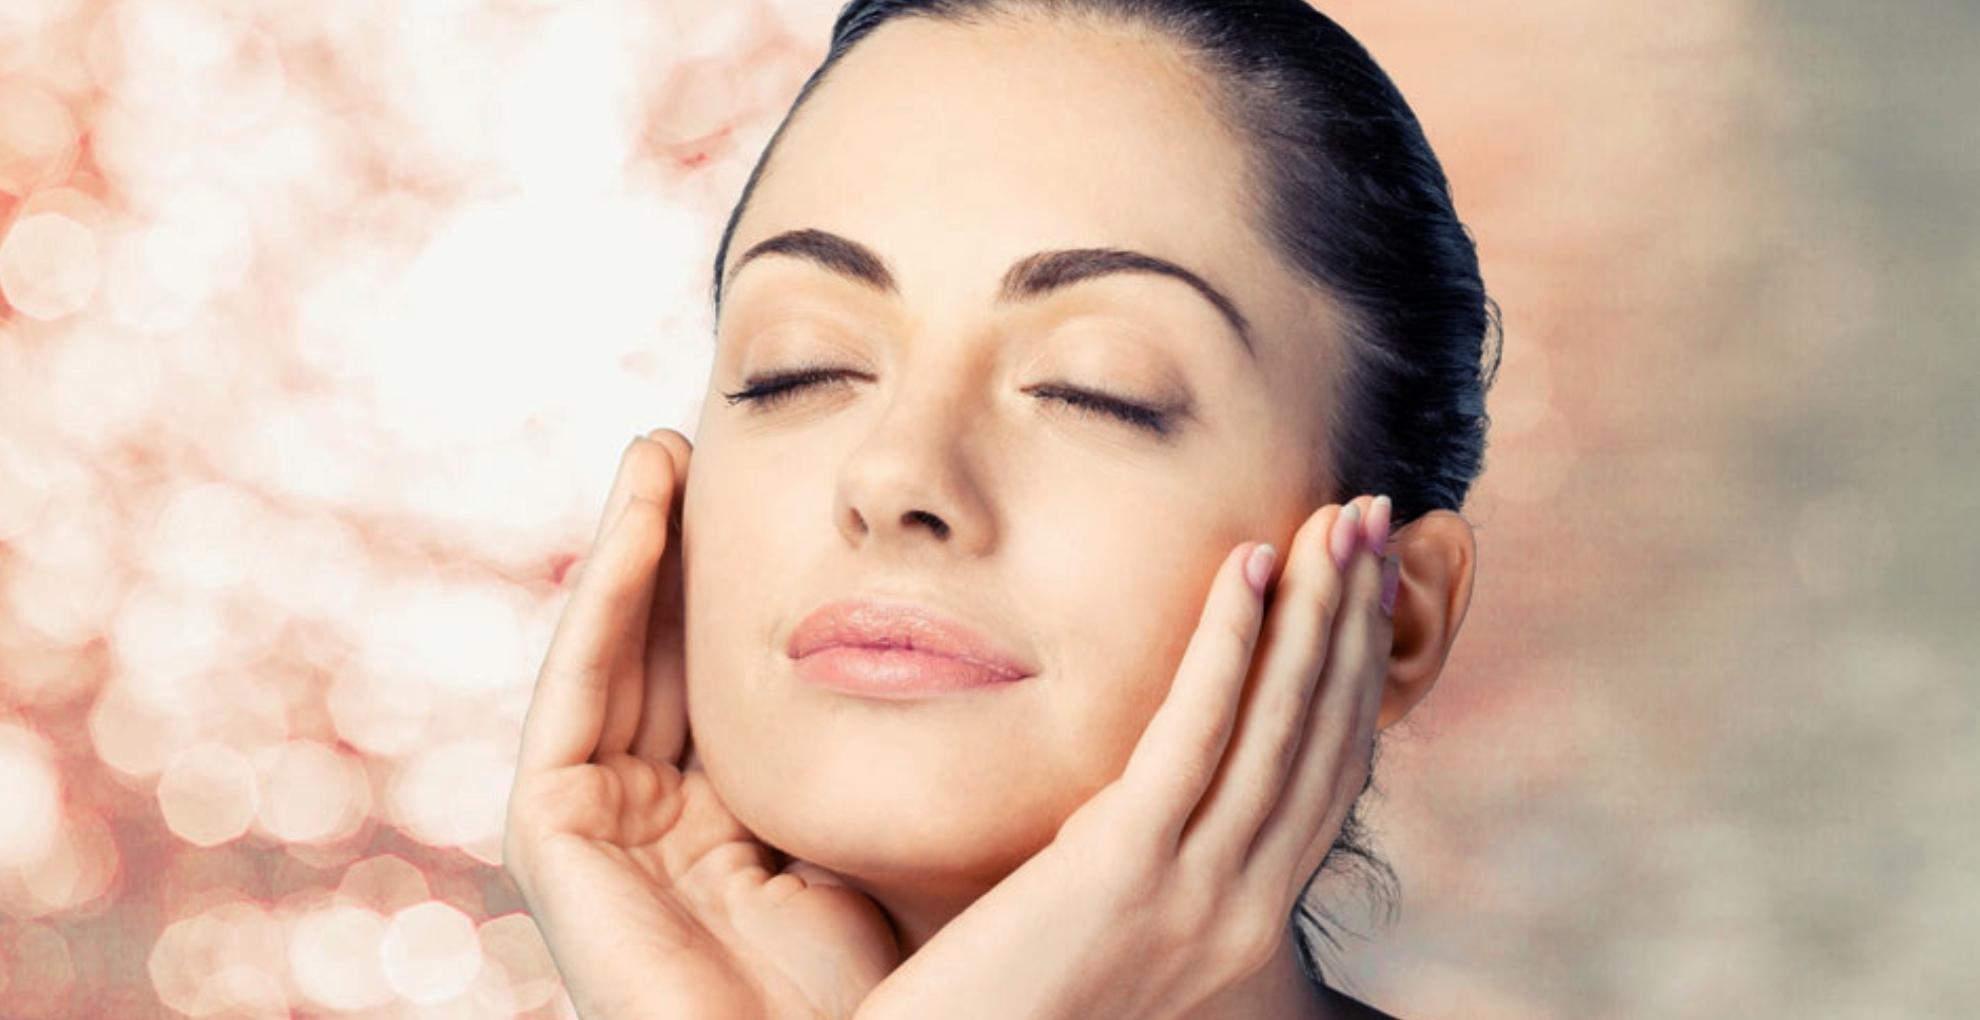 Beauty Tips: बीबी क्रीम के इस्तेमाल से दूर होती हैं स्किन से जुड़ी कई परेशानियां, जानिए इसके अनसुने फायदे